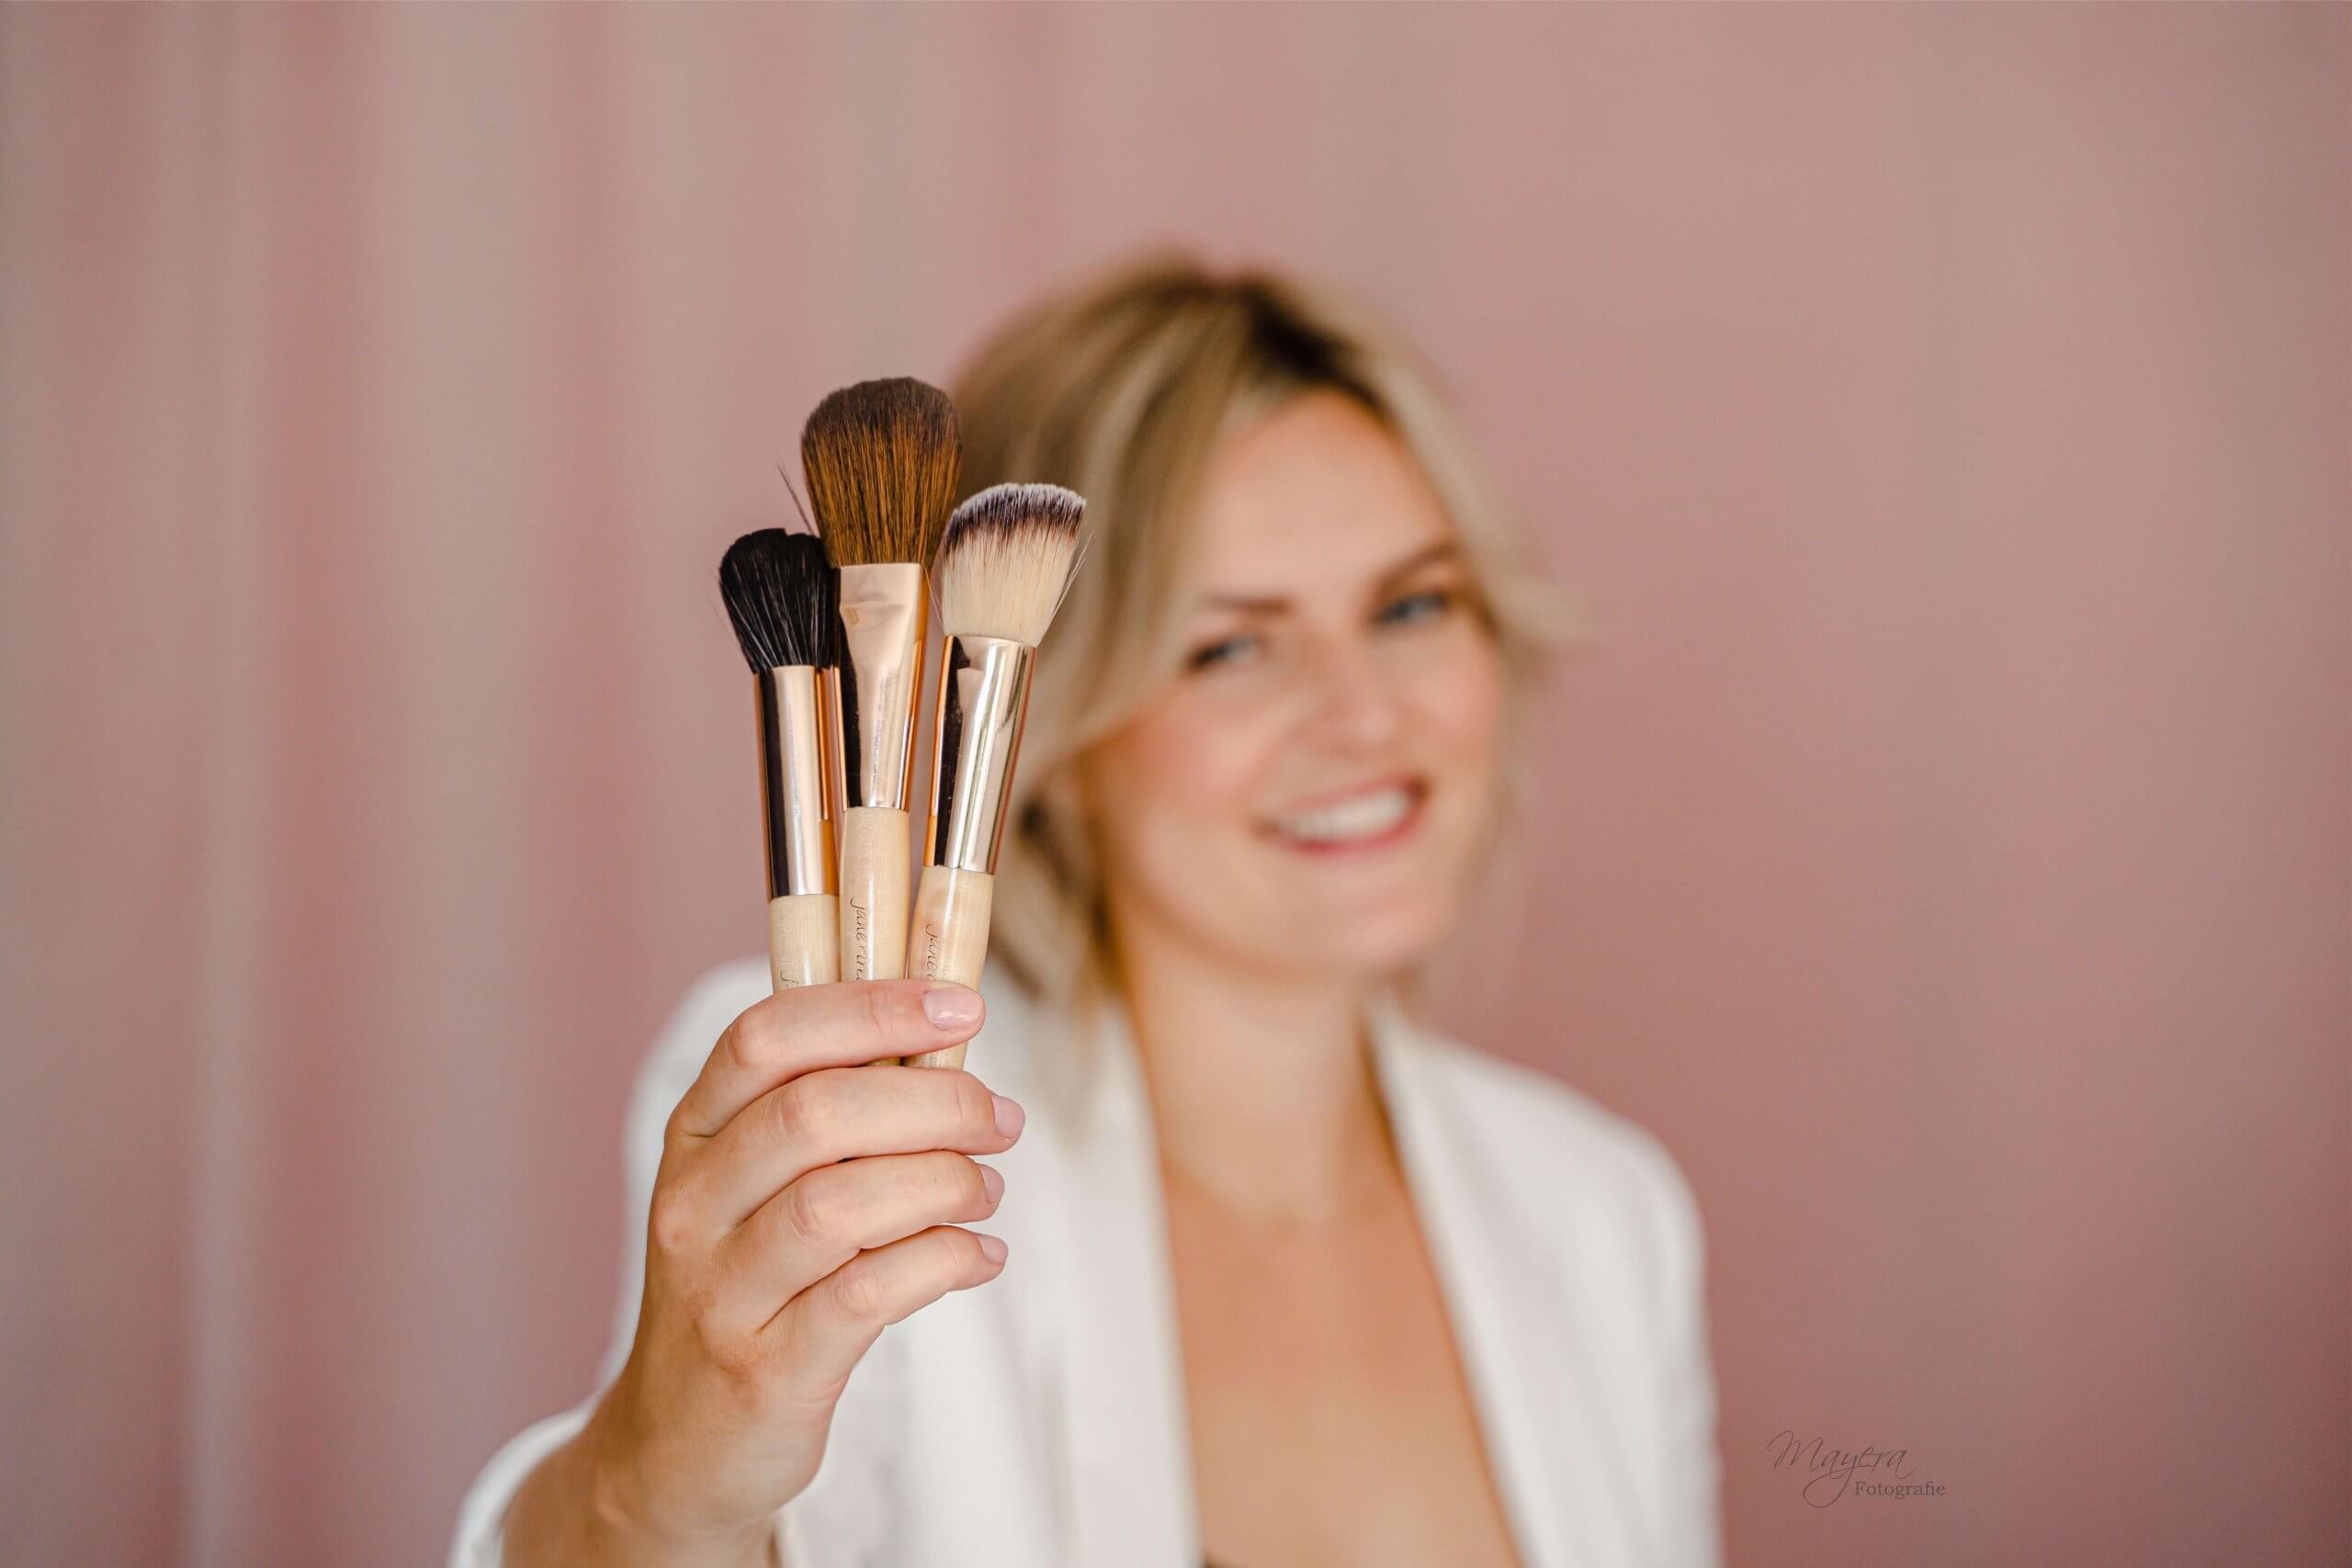 Branding feed bedrijfsreportage vrouwelijke ondernemer instagram mua make up wijk bij duurstede ijsselstein